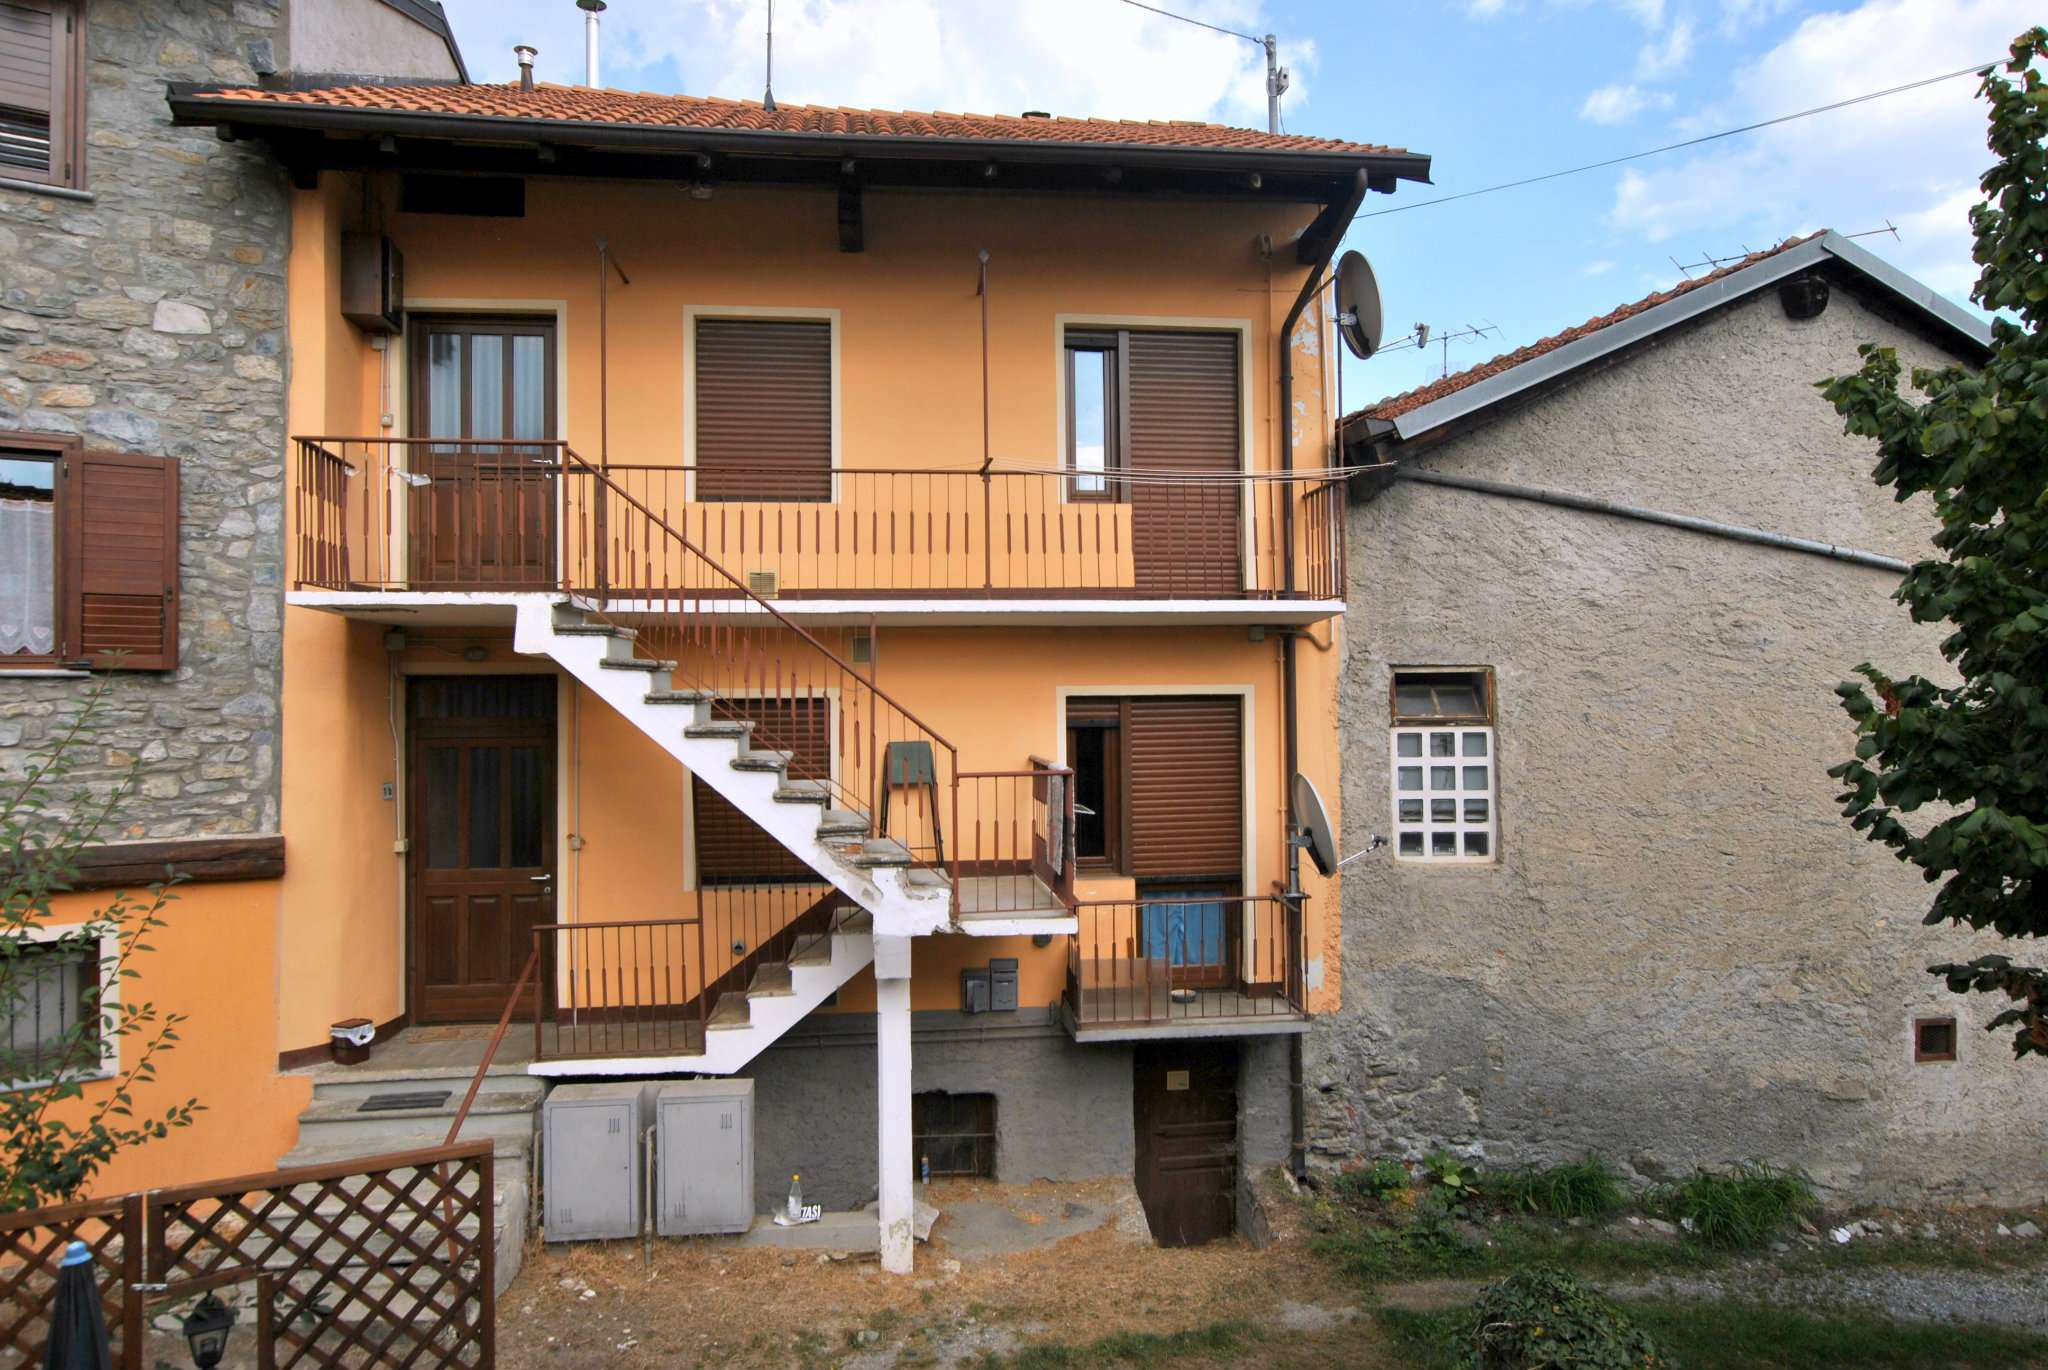 Appartamento in affitto a Bruzolo, 3 locali, prezzo € 350 | CambioCasa.it